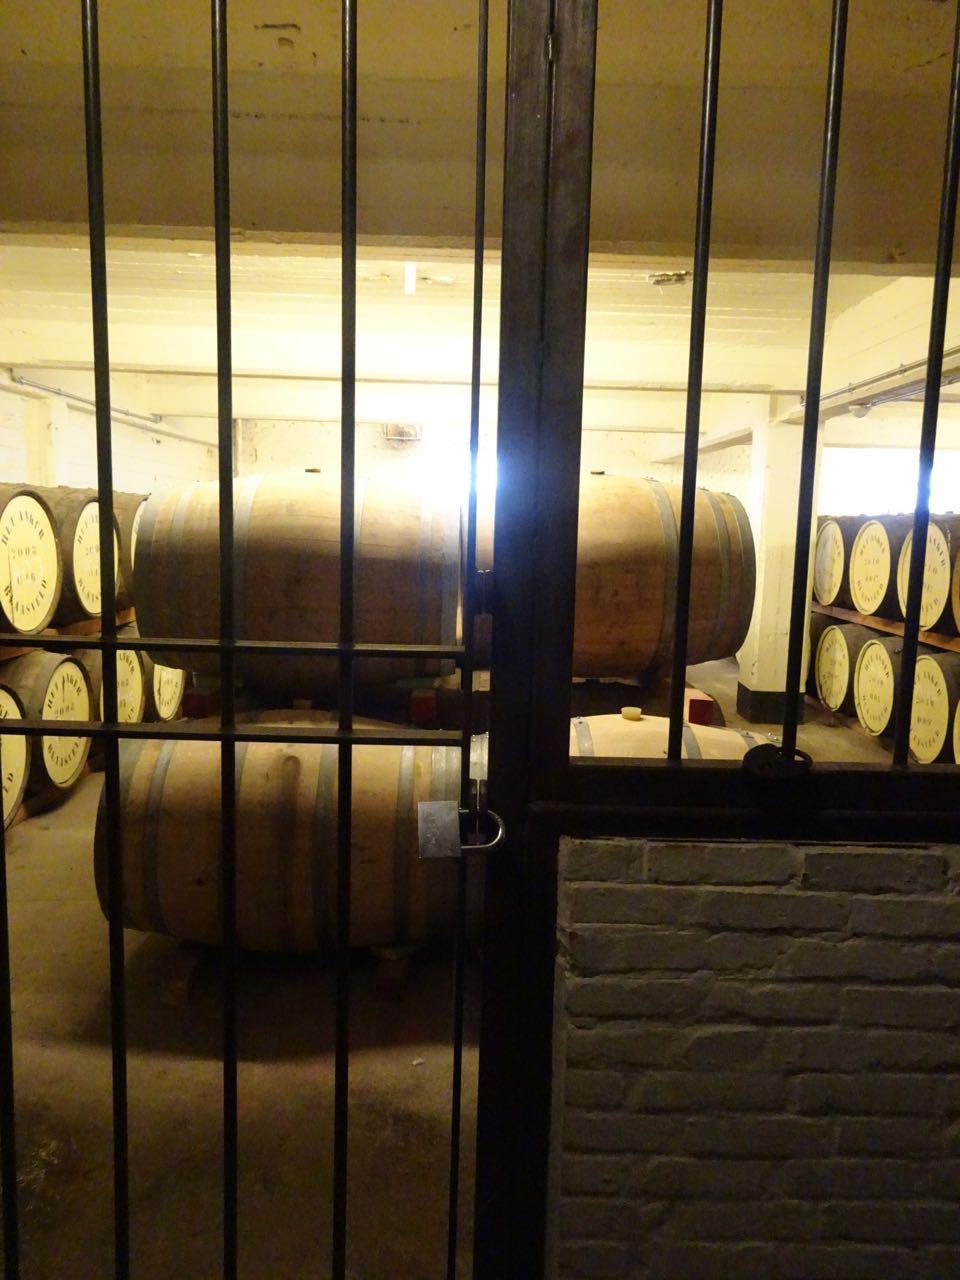 Brouwerij Het Anker - opslag vaten Wisky stokerij De Molenberg